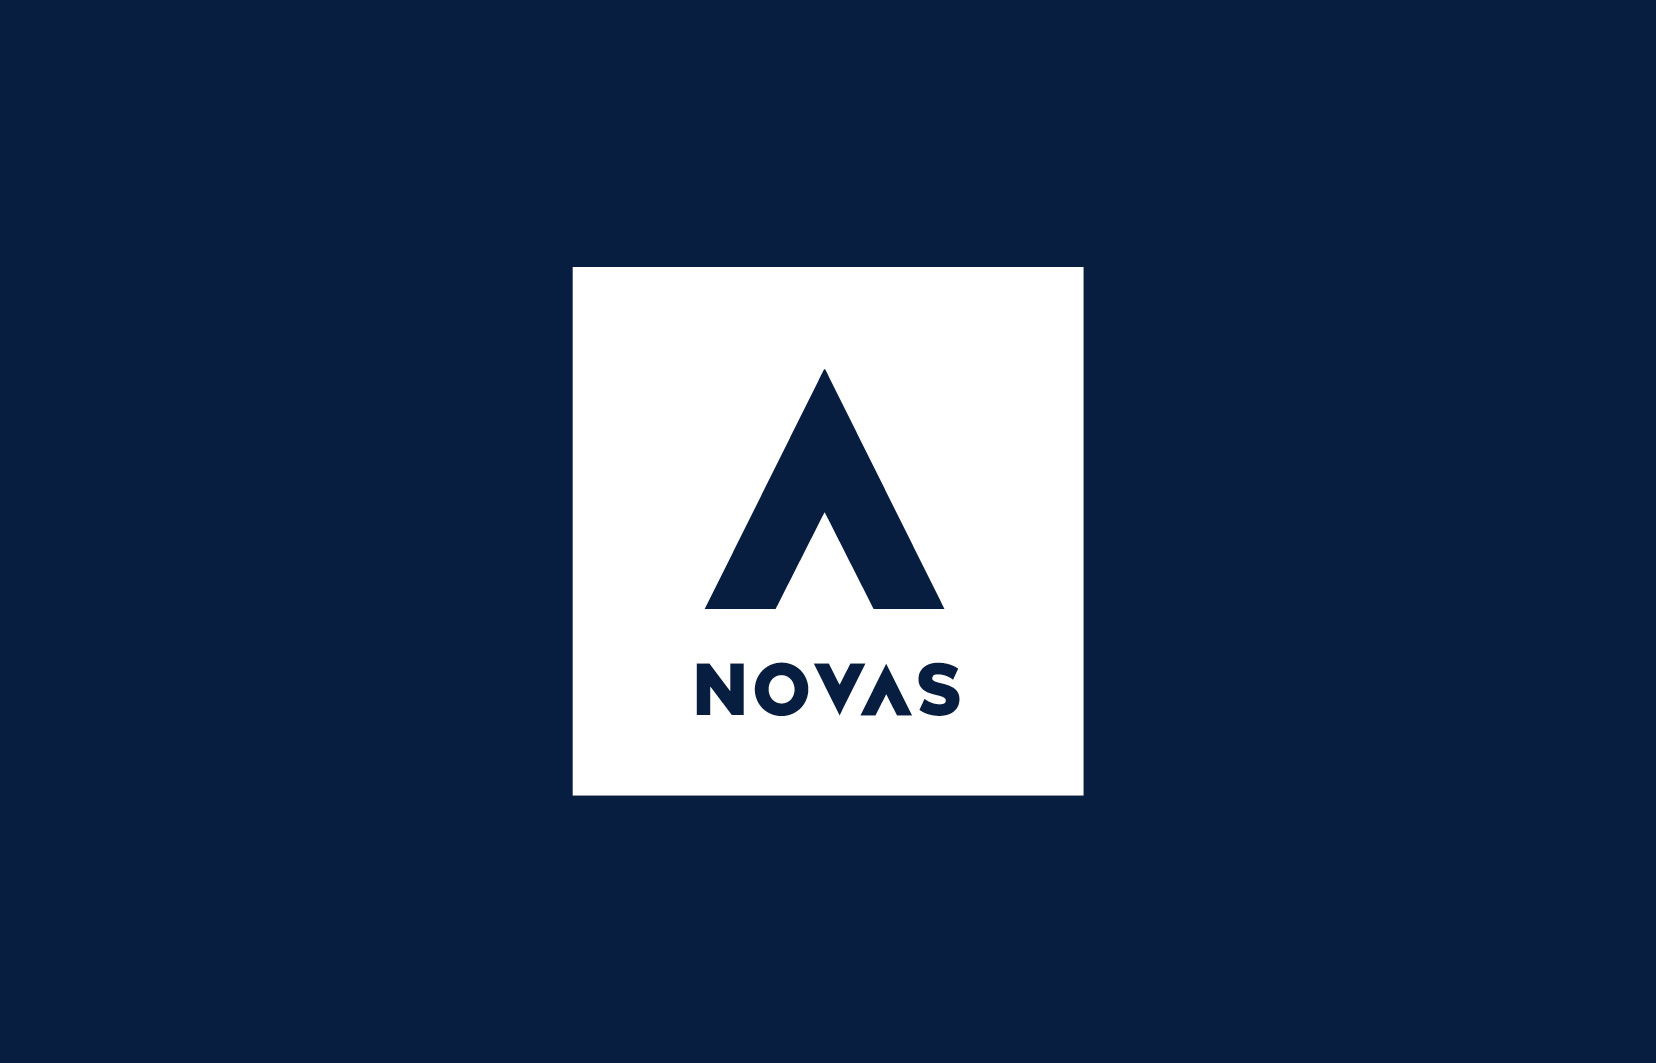 Novas Logo design, brand development and graphic design. The new Novas logo